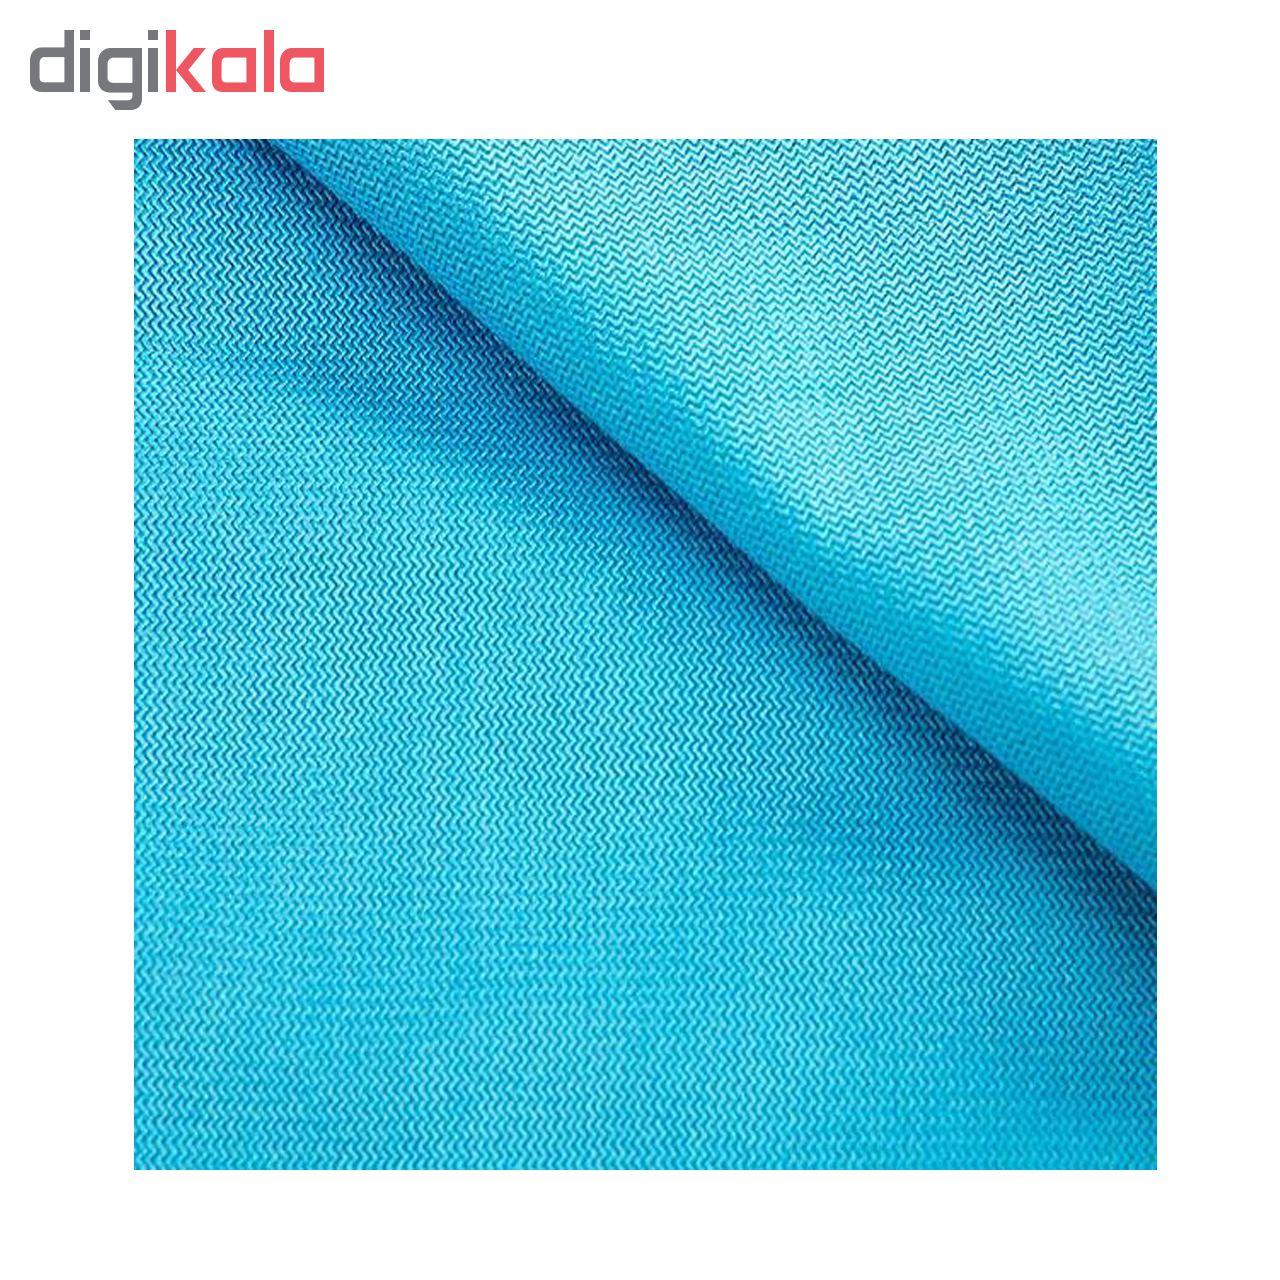 دستمال میکروفایبر ناژه مخصوص شیشه کد 01